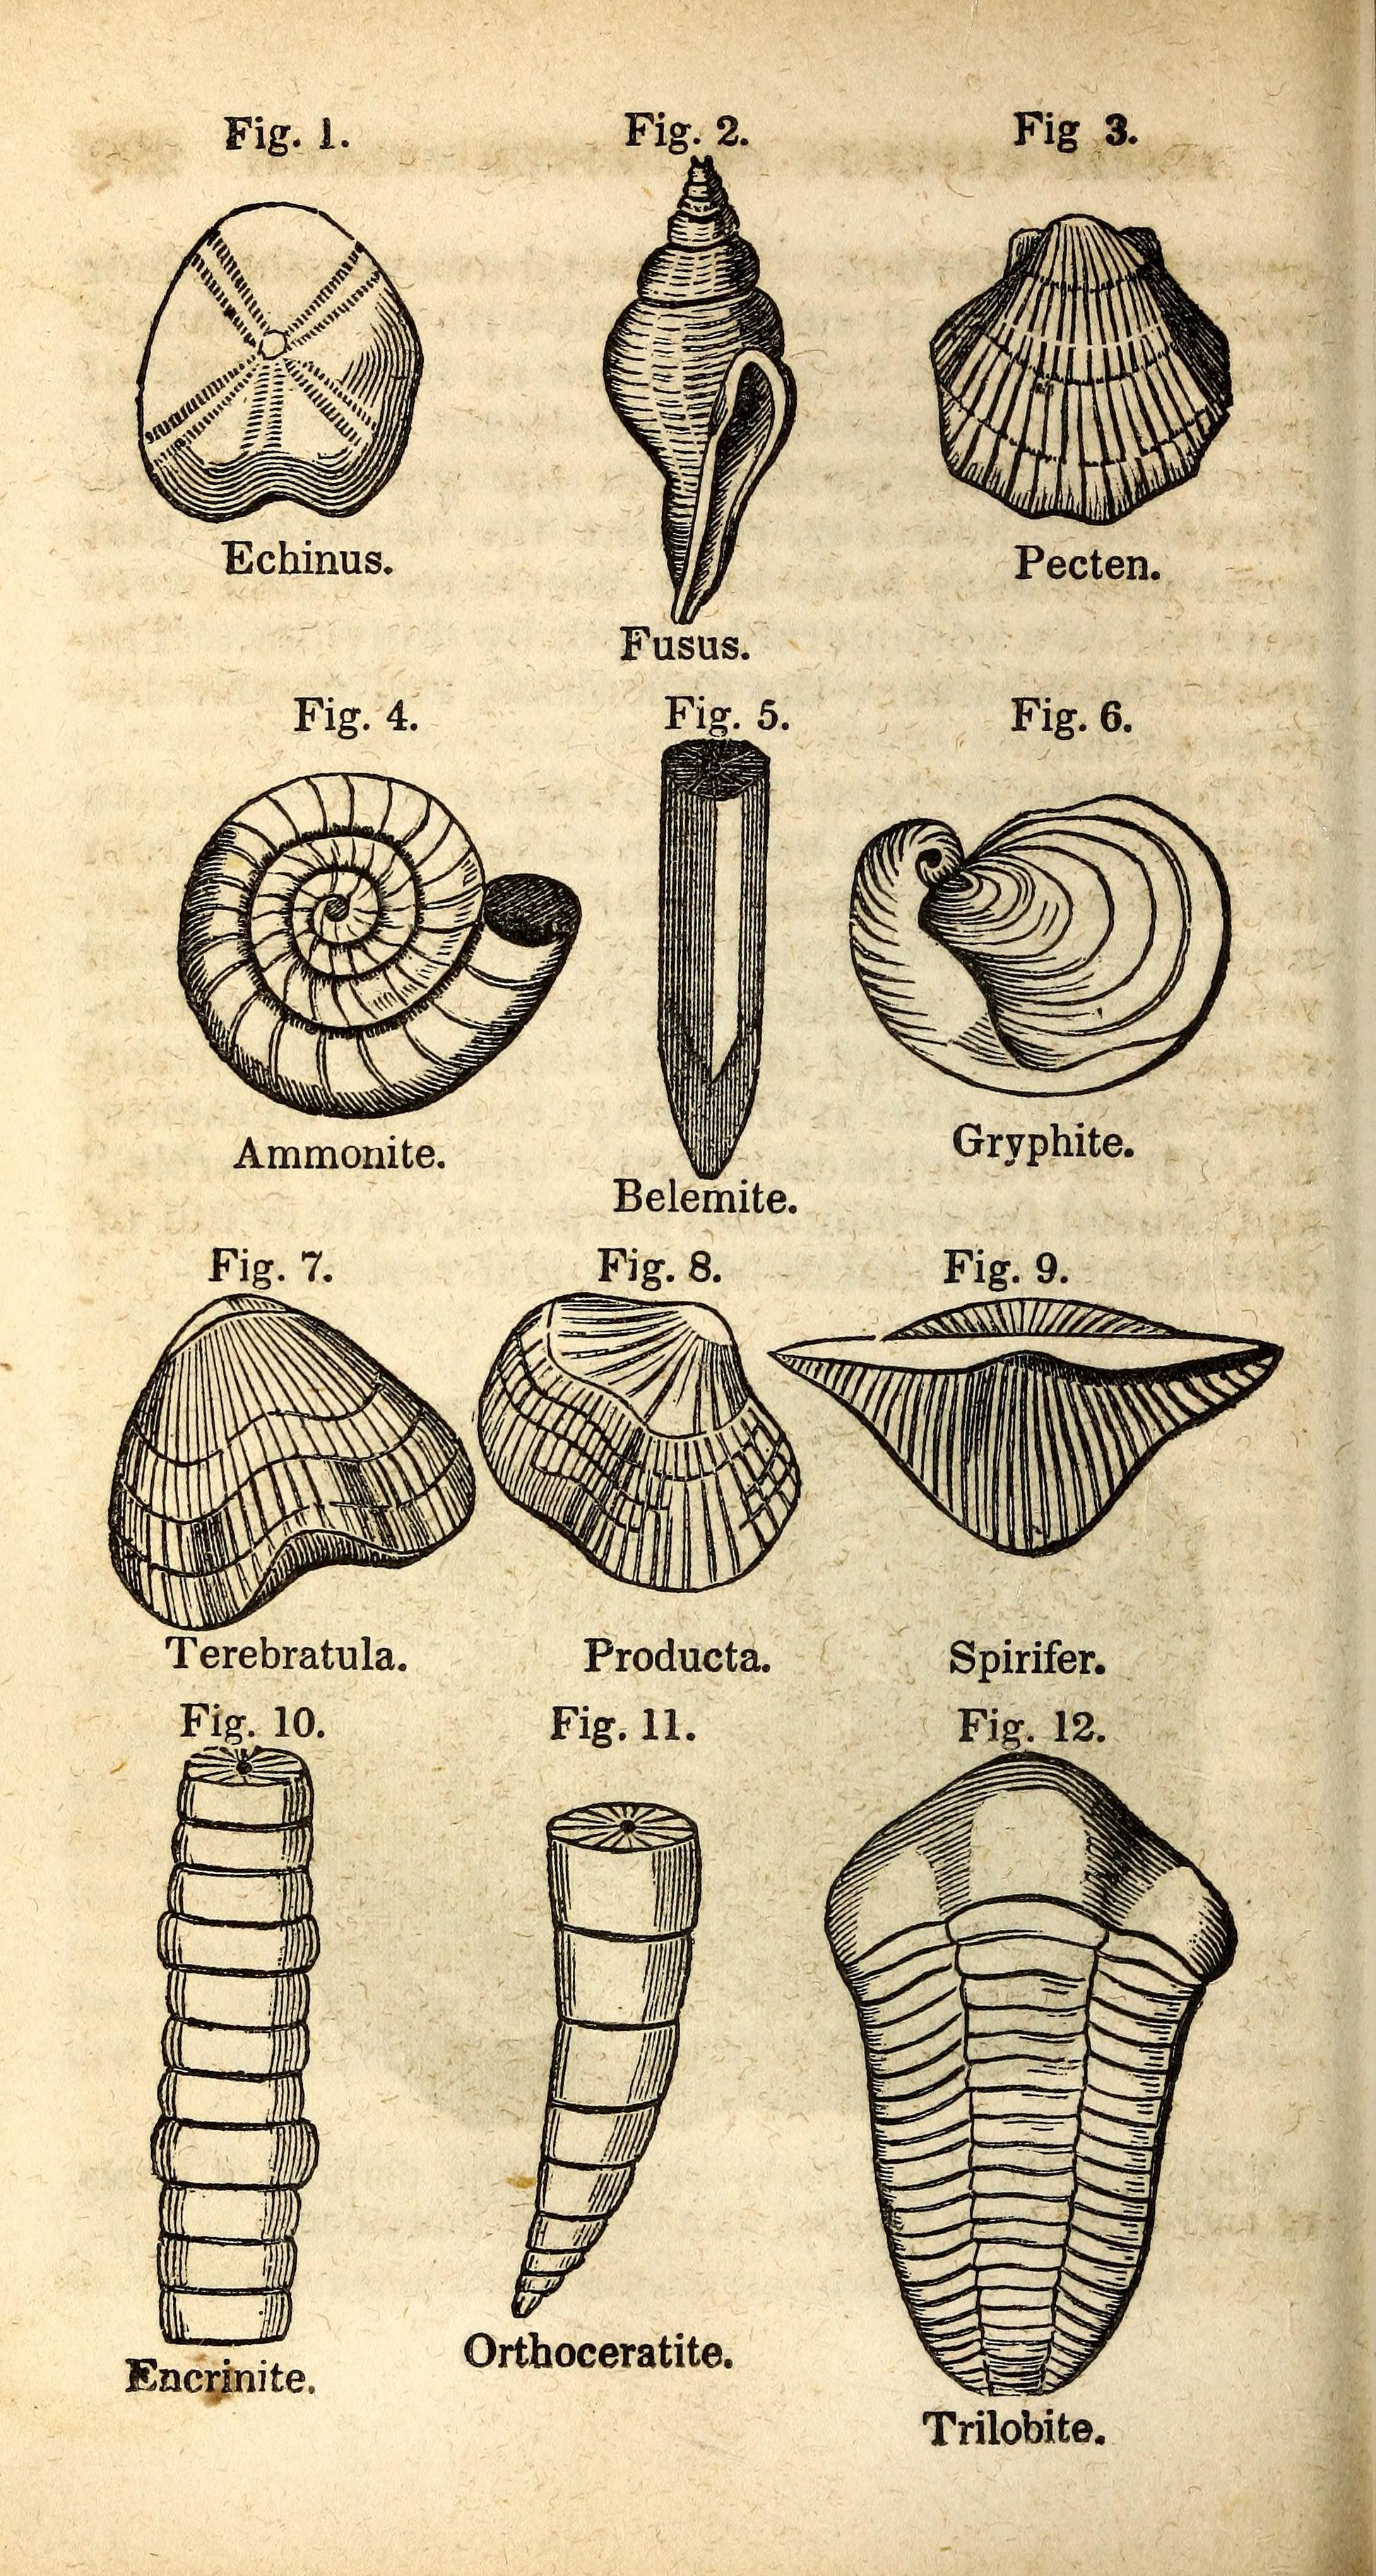 microscopic sediment components